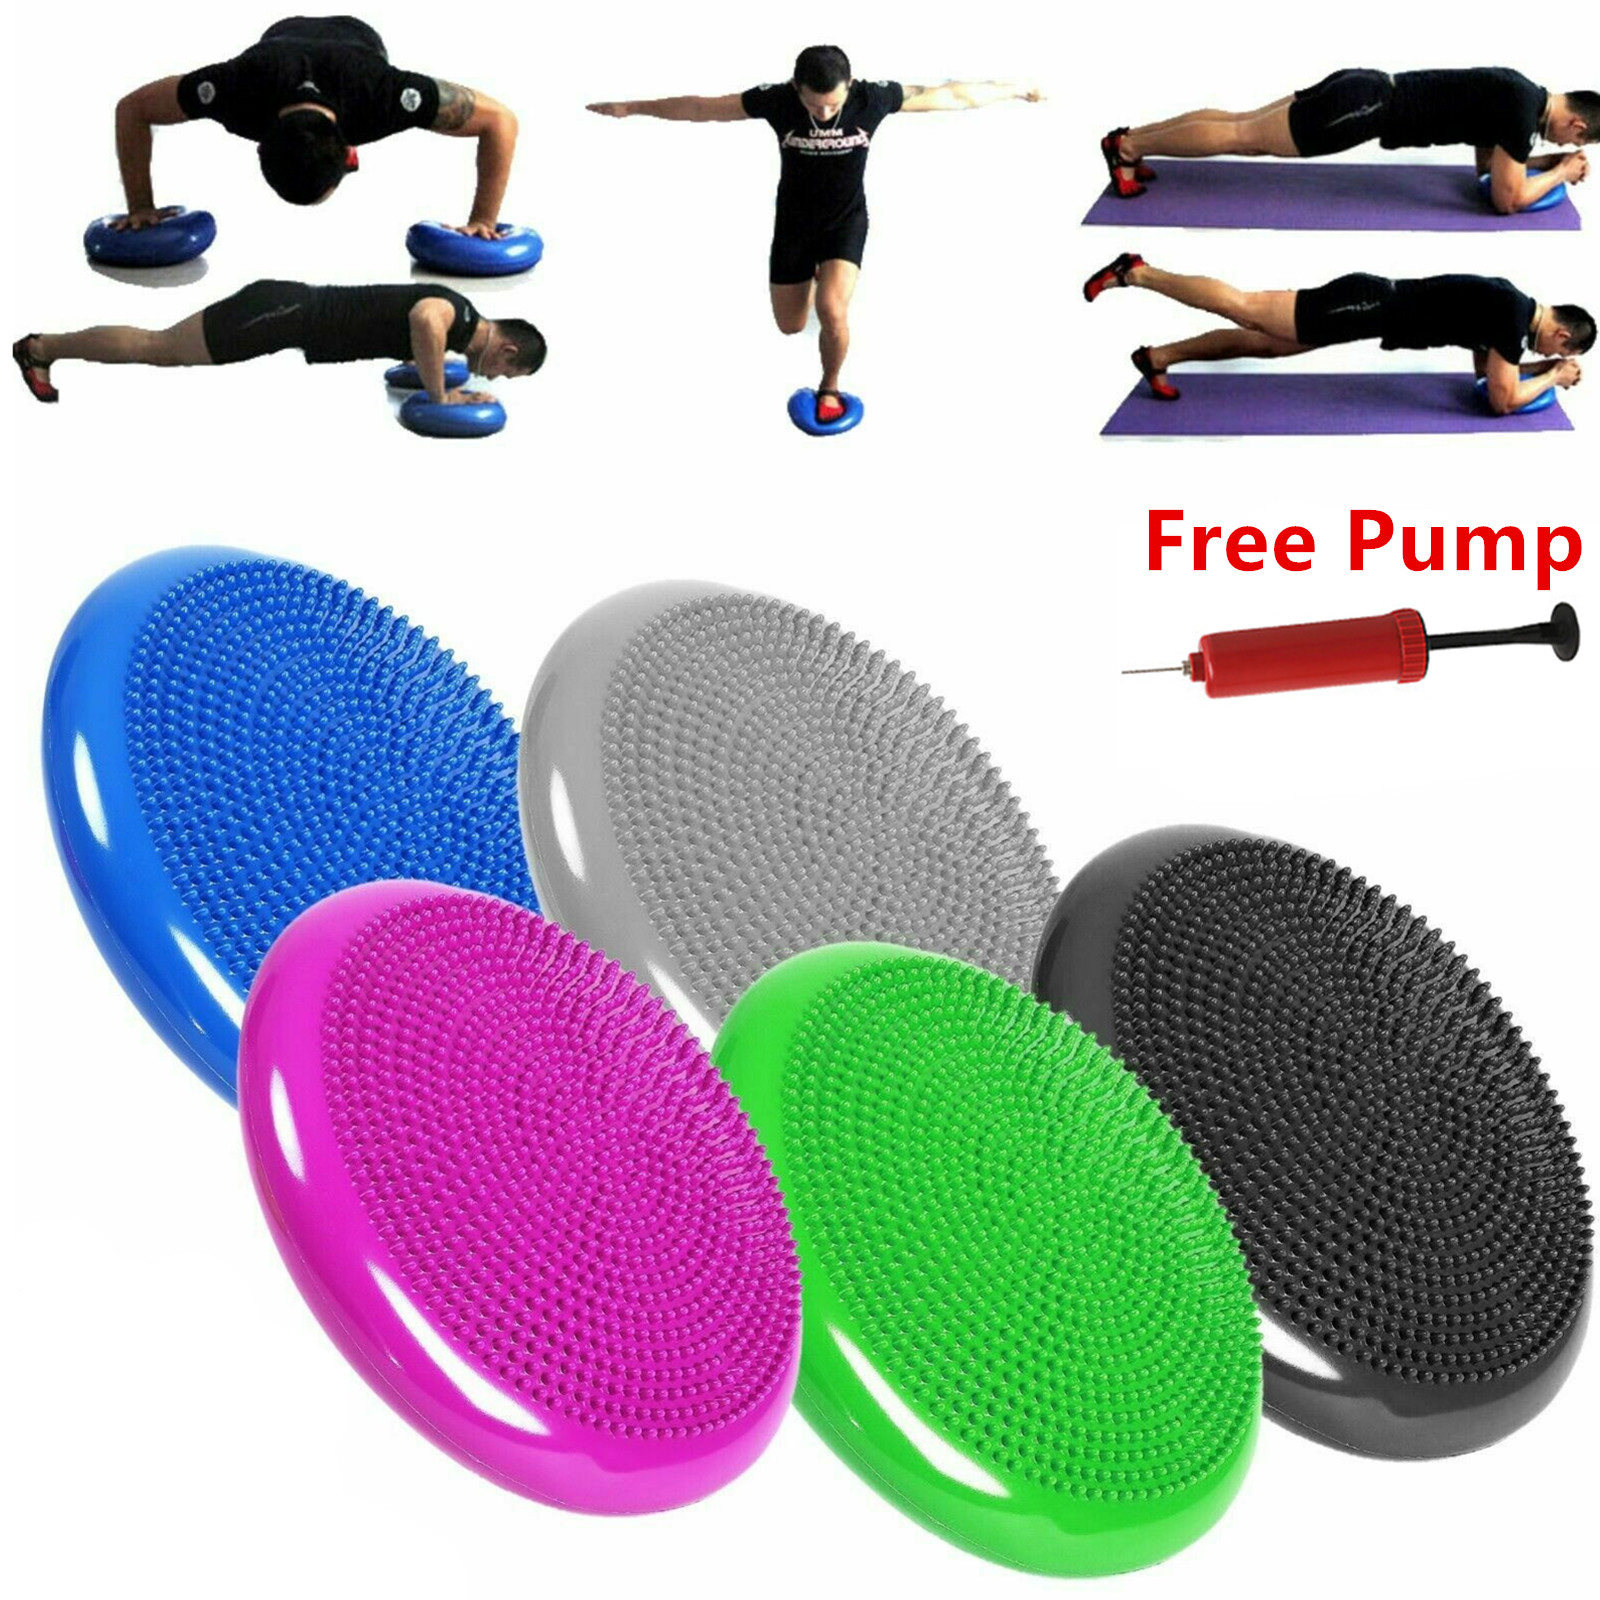 33 см, прочный надувной Массажный мяч для йоги, Универсальный спортивный тренажер для фитнеса, йоги, балансировки, дисковой подушки, Бесплатн...